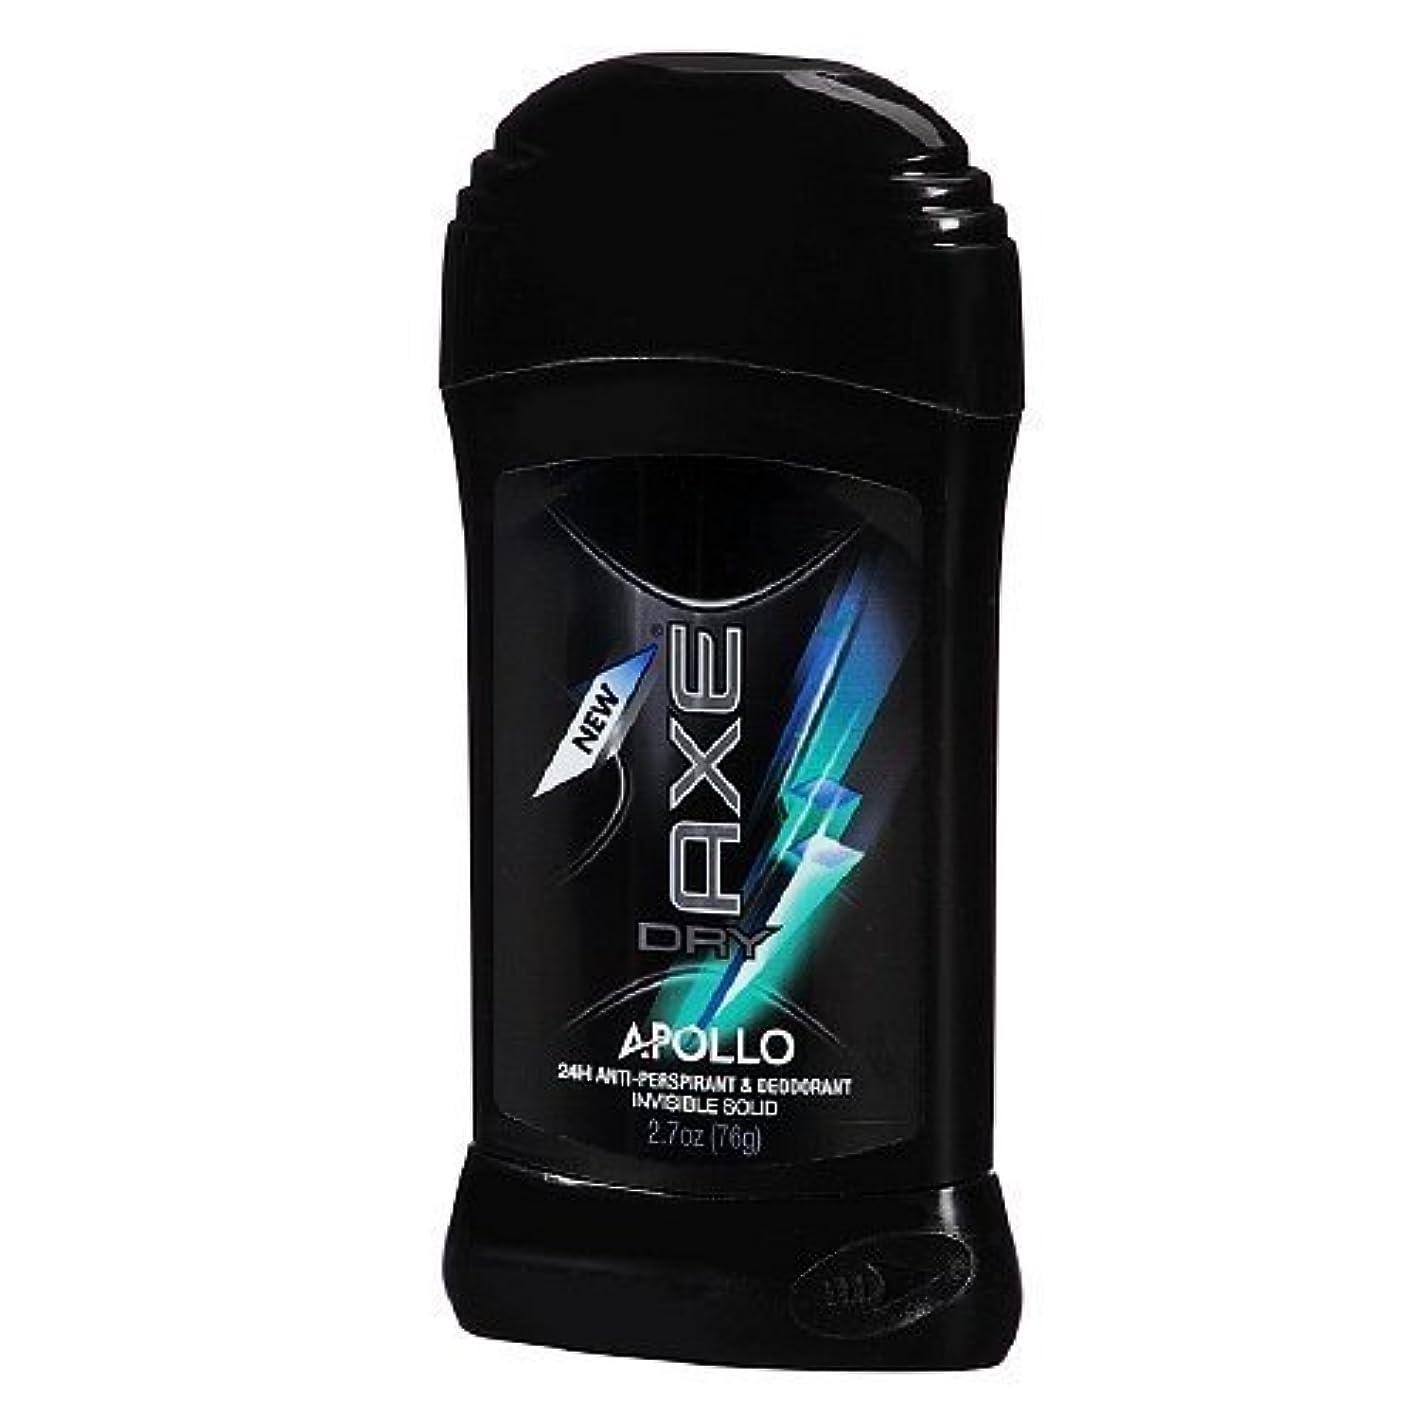 下位インタラクション農村Axe Dry Antiperspirant Deodorant - Apollo - Invisible Solid - Net Wt. 2.7 OZ Each - Pack of 3 by Unilever [並行輸入品]